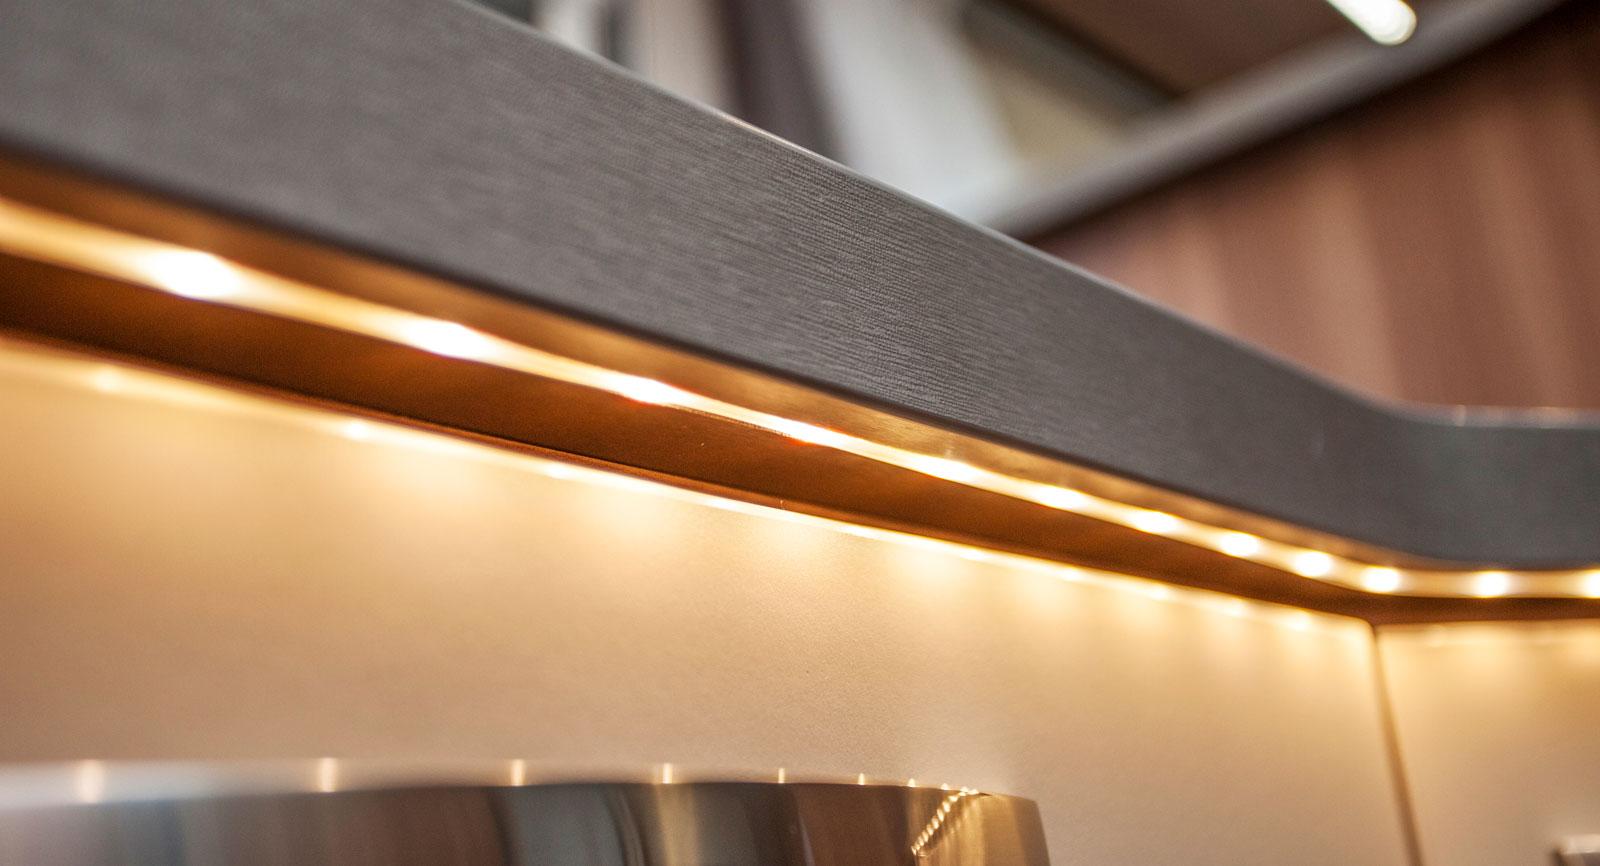 Läcker LED-belysning under köksbänken.